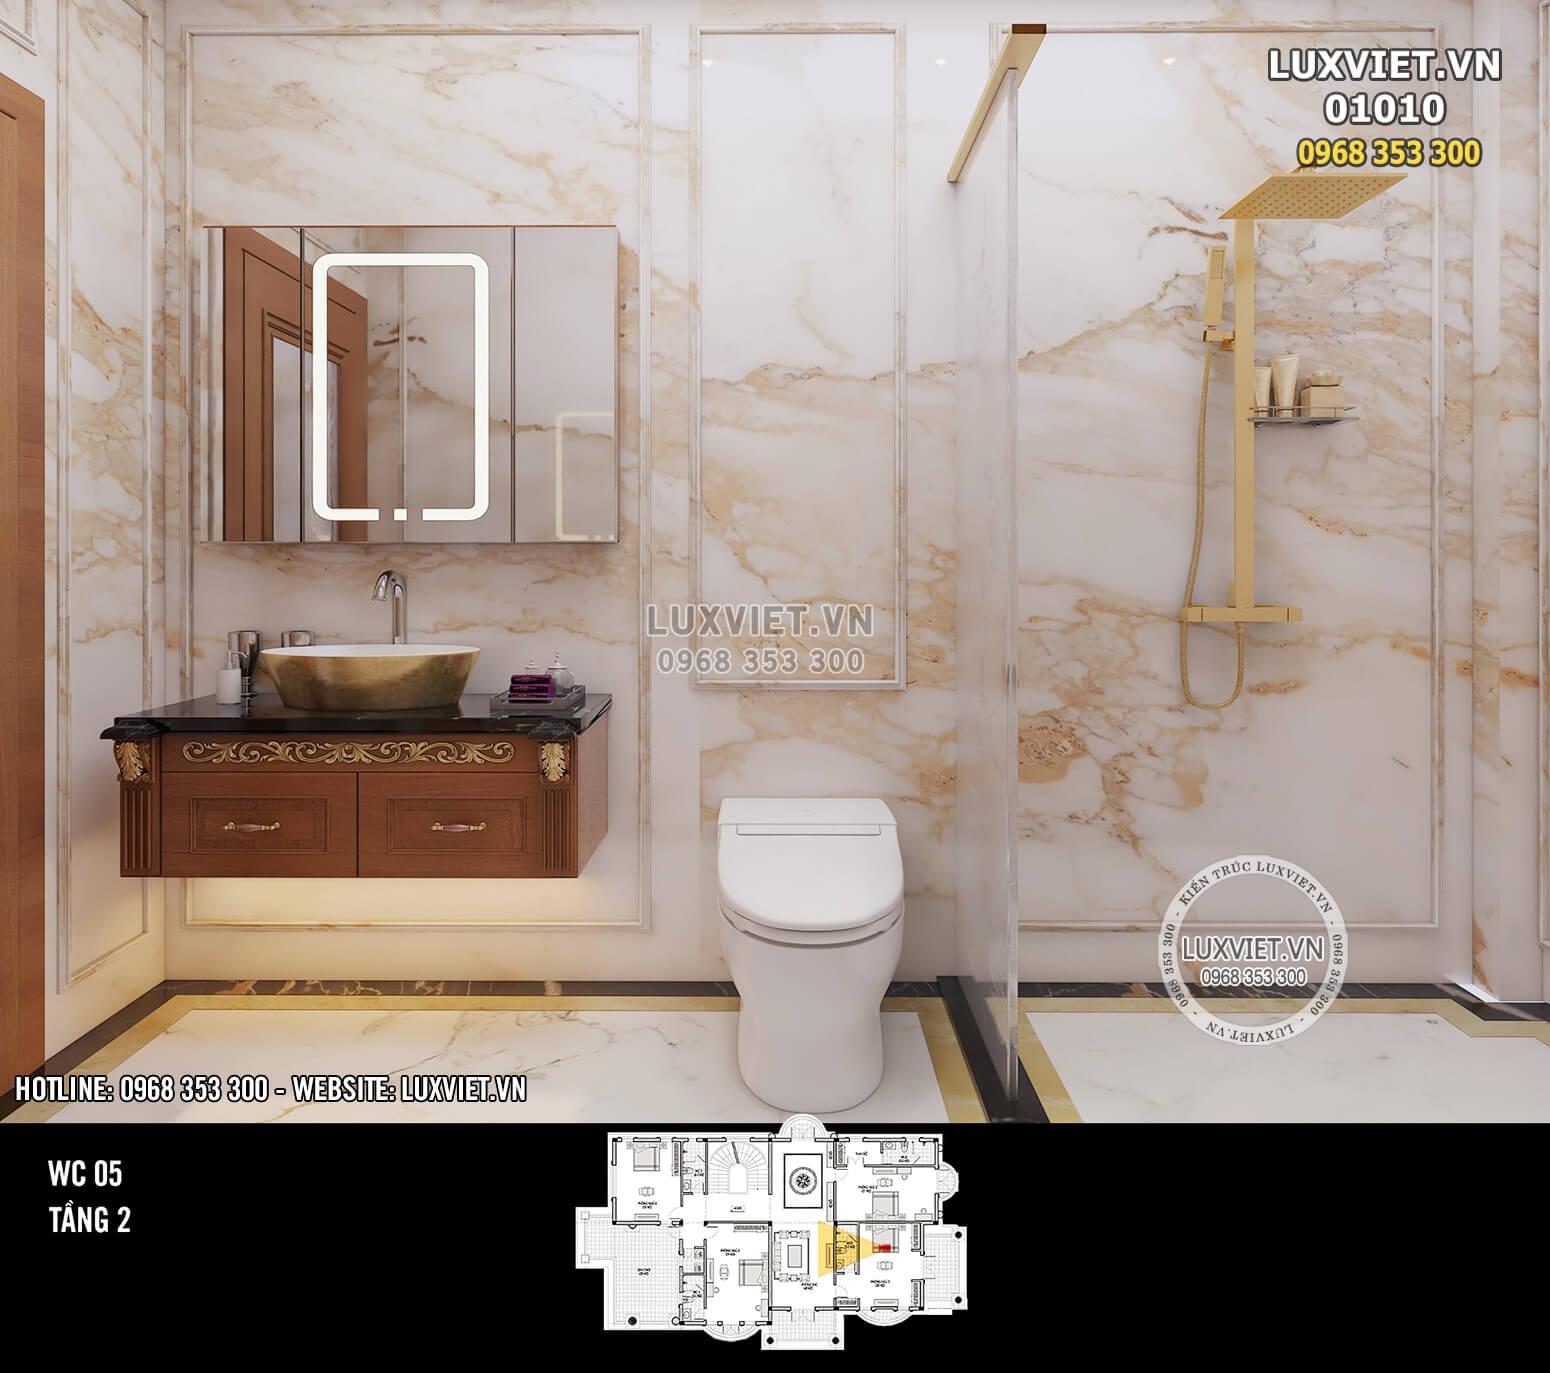 Hình ảnh: Thiết kế nội thất phòng tắm - Lv 01010